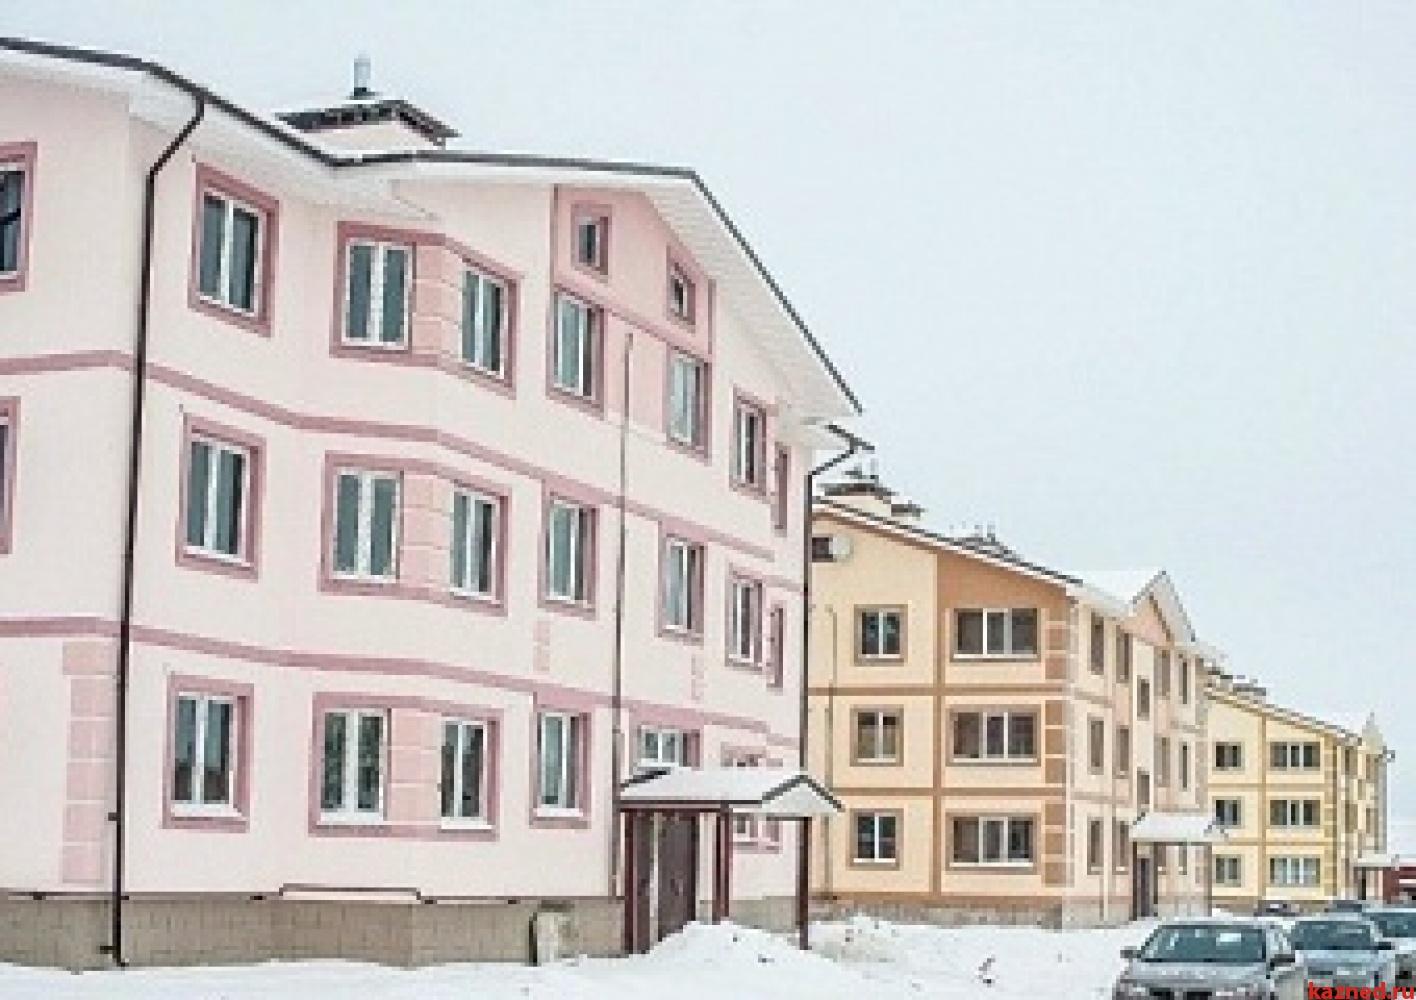 Продажа 2-к квартиры Центральная, 77 м²  (миниатюра №2)